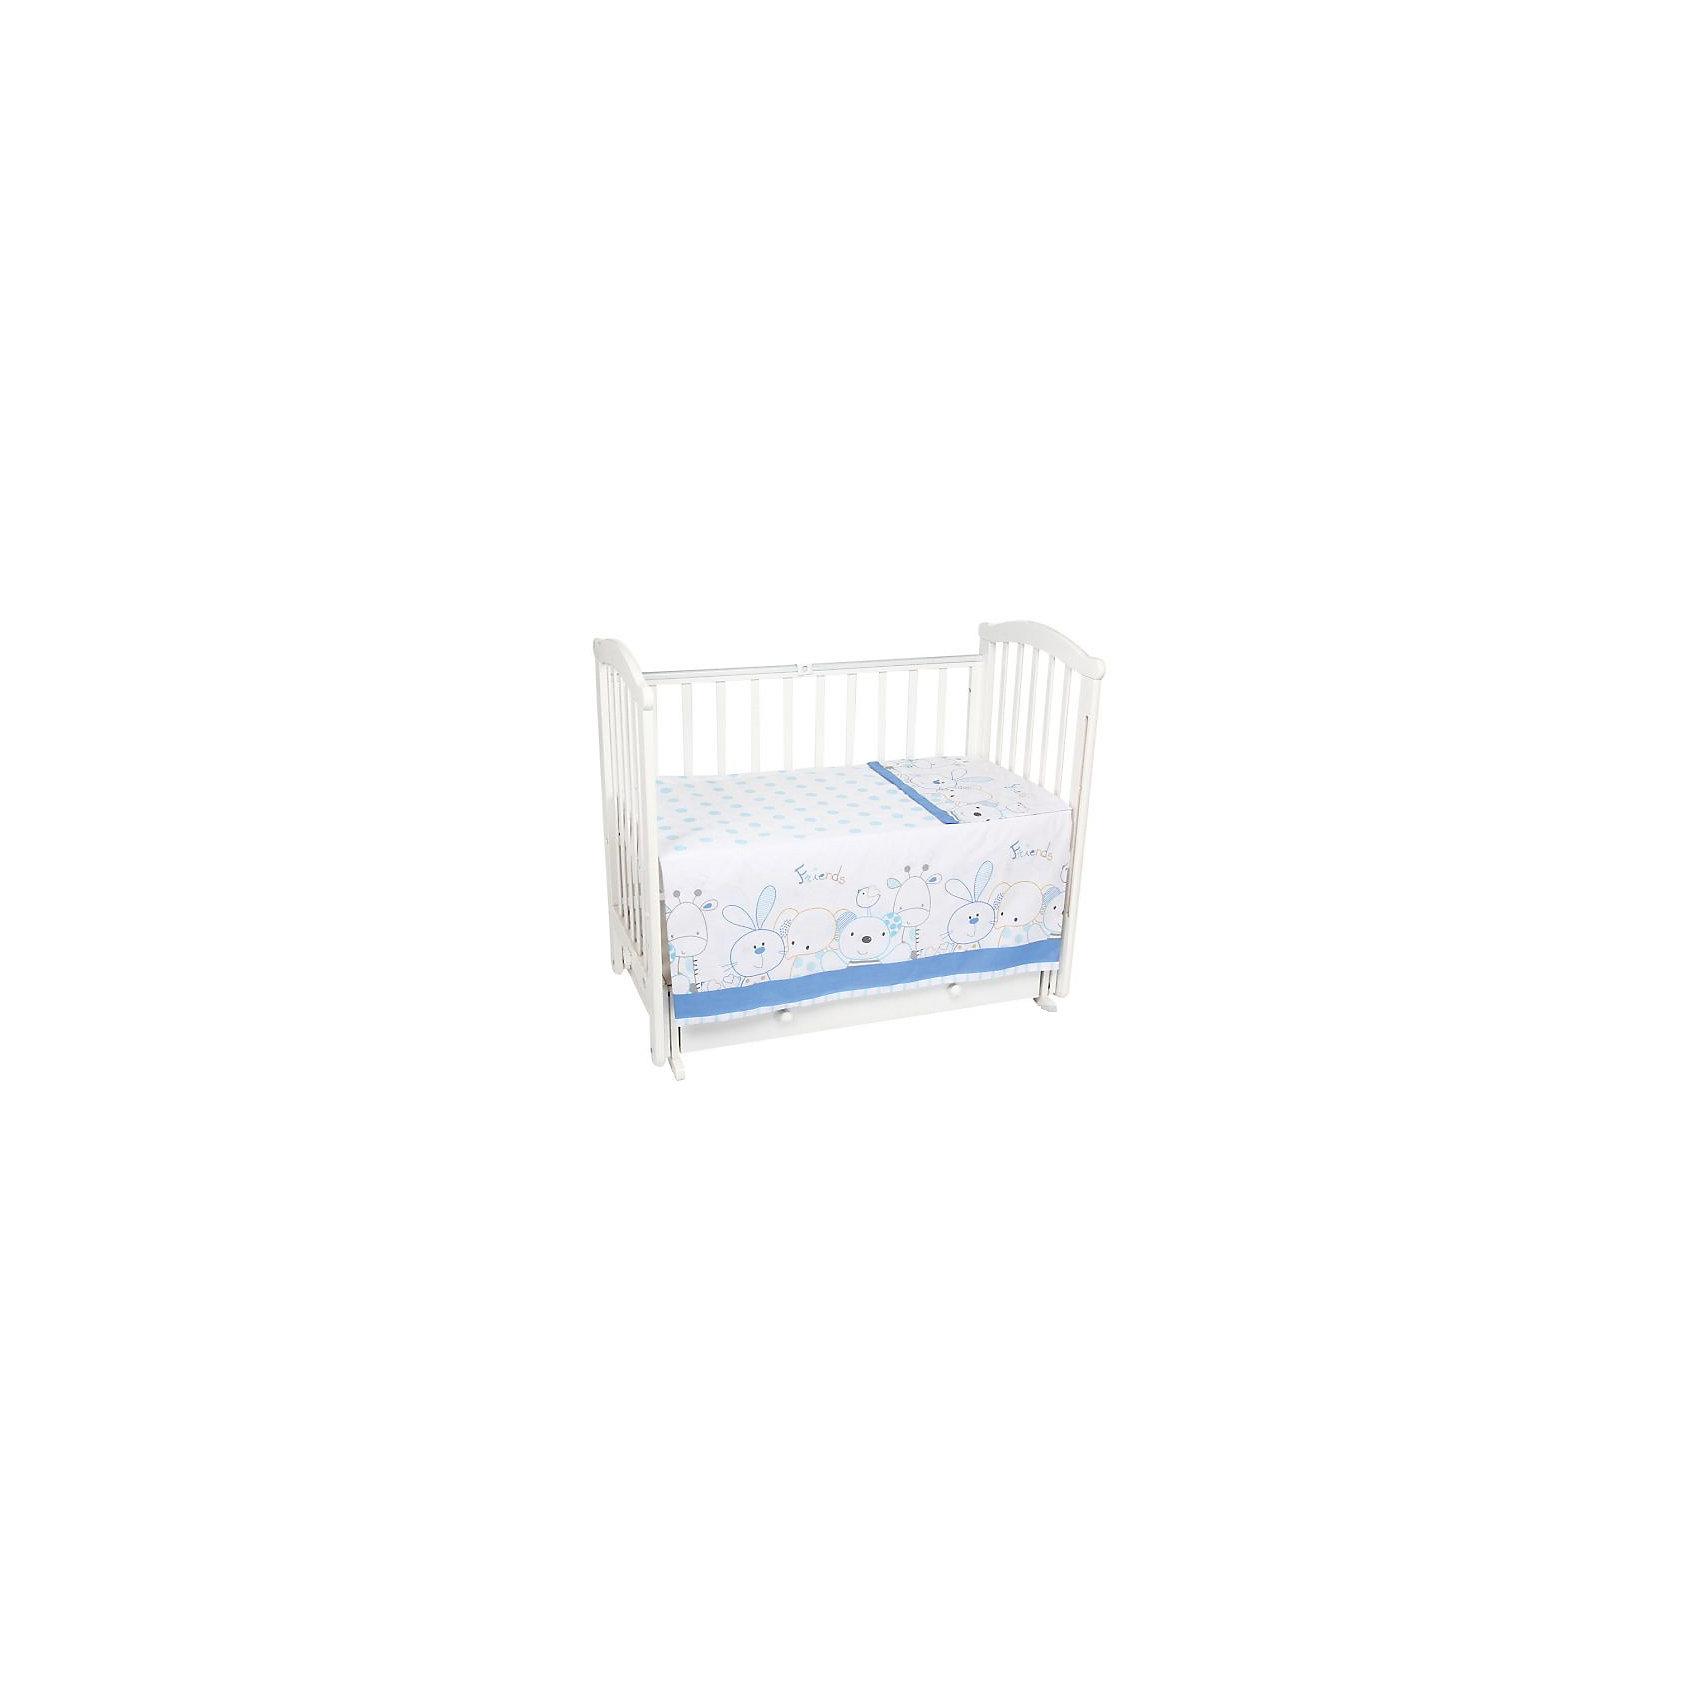 Постельное белье Сафари 3 пред., Leader kids, голубойУдобное правильно подобранное постельное белье - это залог крепкого сна ребенка и его хорошего самочувствия. Но постельное белье может при этом быть еще и красивым!<br>Этот набор выполнен из высококачественного гипоаллергенного материала - хлопка. Он приятен на ощупь, позволяет коже дышать, безопасен для детей. В этот комплект входит: простынь, наволочка, пододеяльник. Размер - стандартный, удобно заправляется. Изделие имеет приятную расцветку, декорировано симпатичным принтом. Подойдет к интерьеру различной расцветки.<br><br>Дополнительная информация:<br><br>материал: бязь (хлопок 100%);<br>наволочка: 40x60 см;<br>пододеяльник: 110x140 см;<br>простыня: 90x150 см;<br>принт;<br>цвет: голубой.<br><br>Постельное белье Сафари 3 пред. от компании Leader kids можно купить в нашем магазине.<br><br>Ширина мм: 370<br>Глубина мм: 200<br>Высота мм: 2700<br>Вес г: 1500<br>Возраст от месяцев: 0<br>Возраст до месяцев: 36<br>Пол: Мужской<br>Возраст: Детский<br>SKU: 4778541